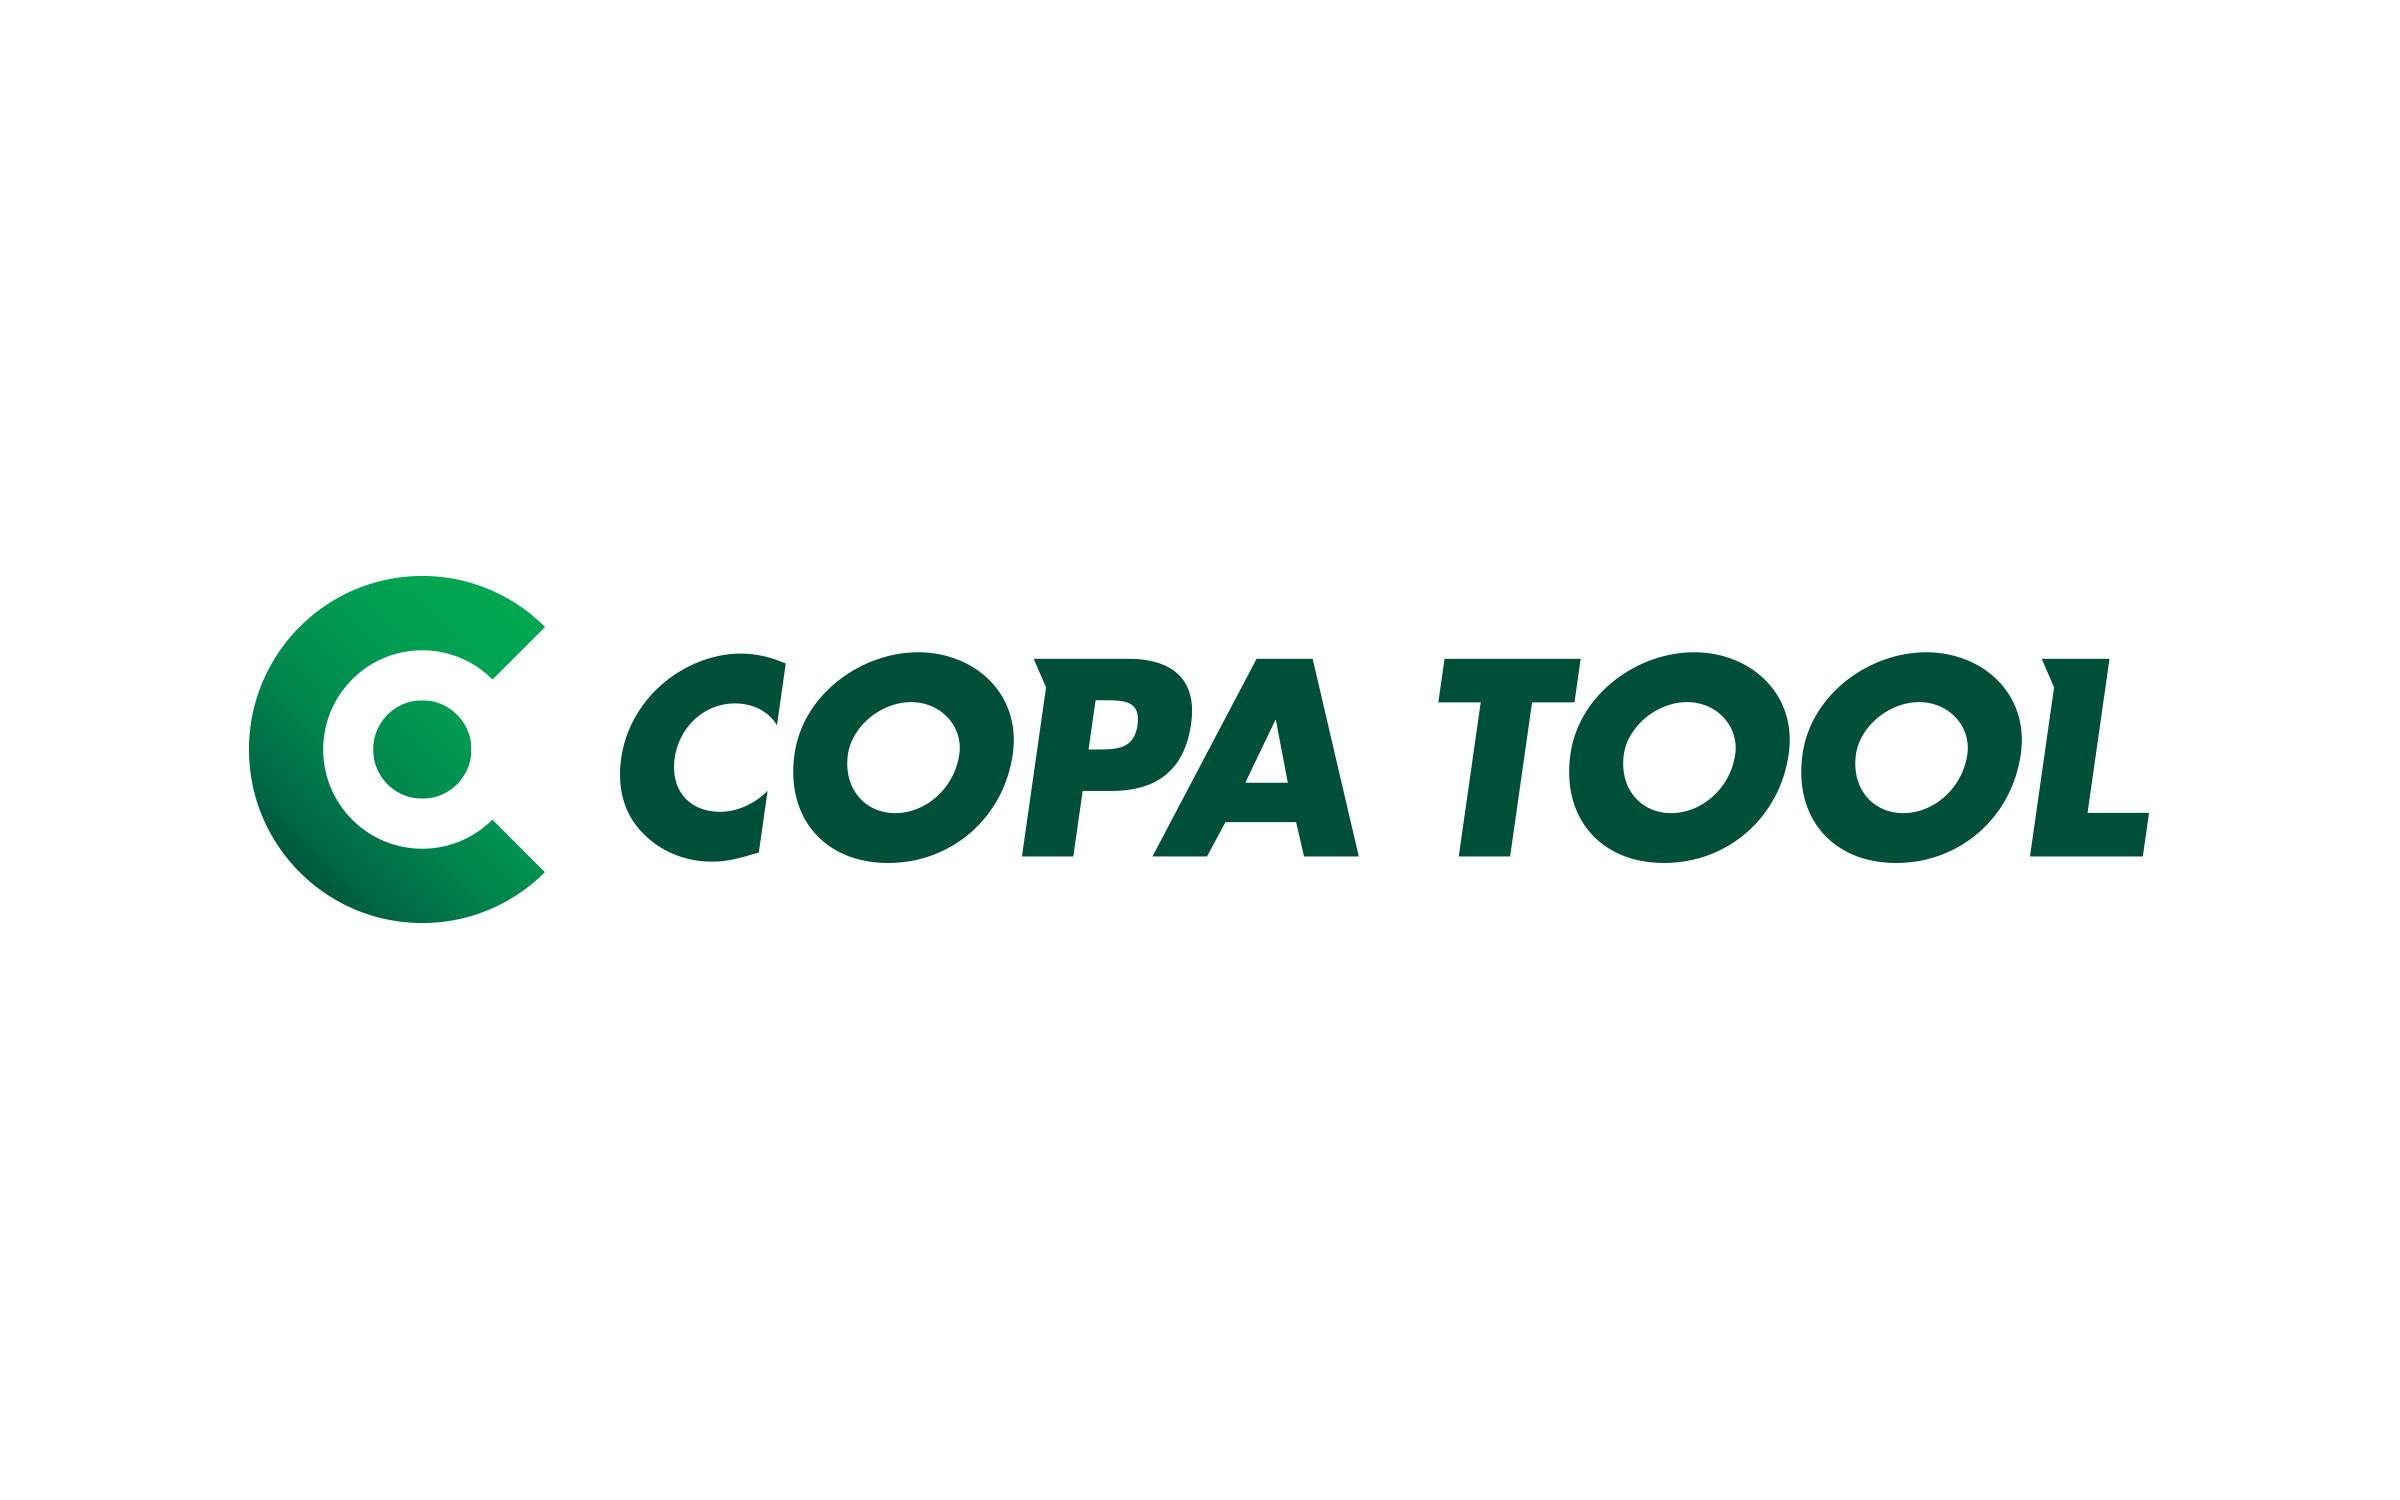 Copa Tool